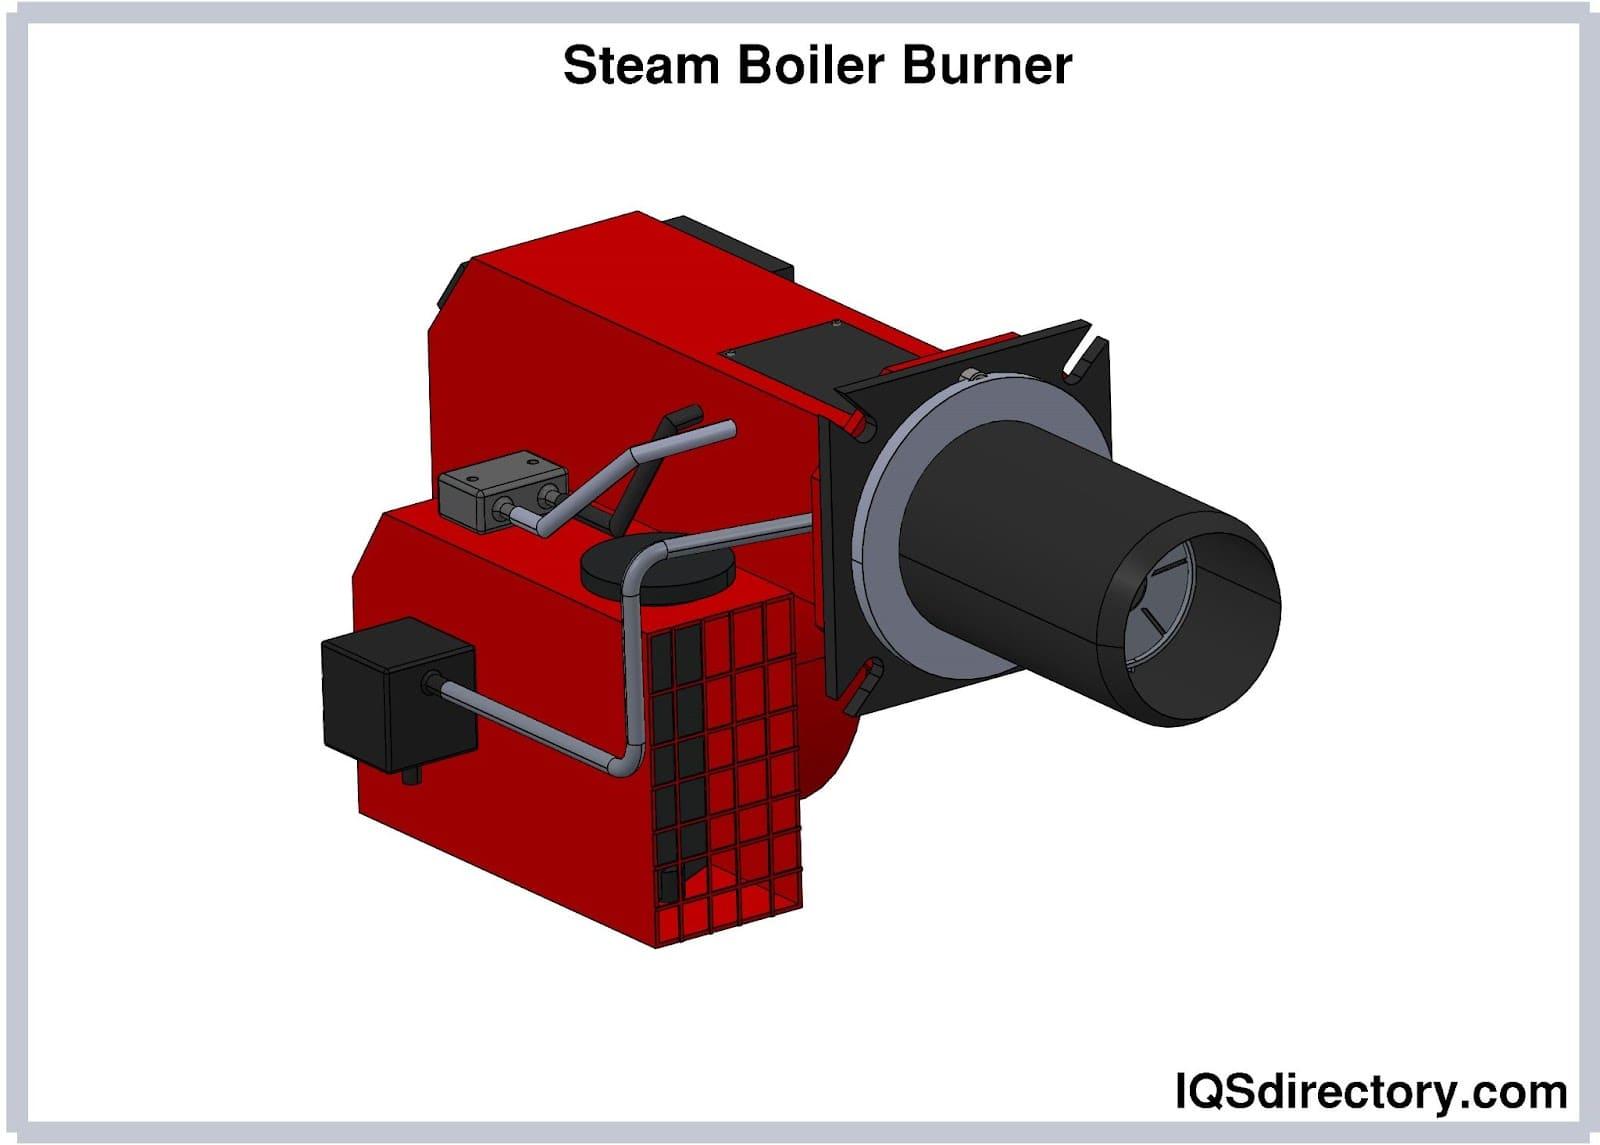 Steam Boiler Burner